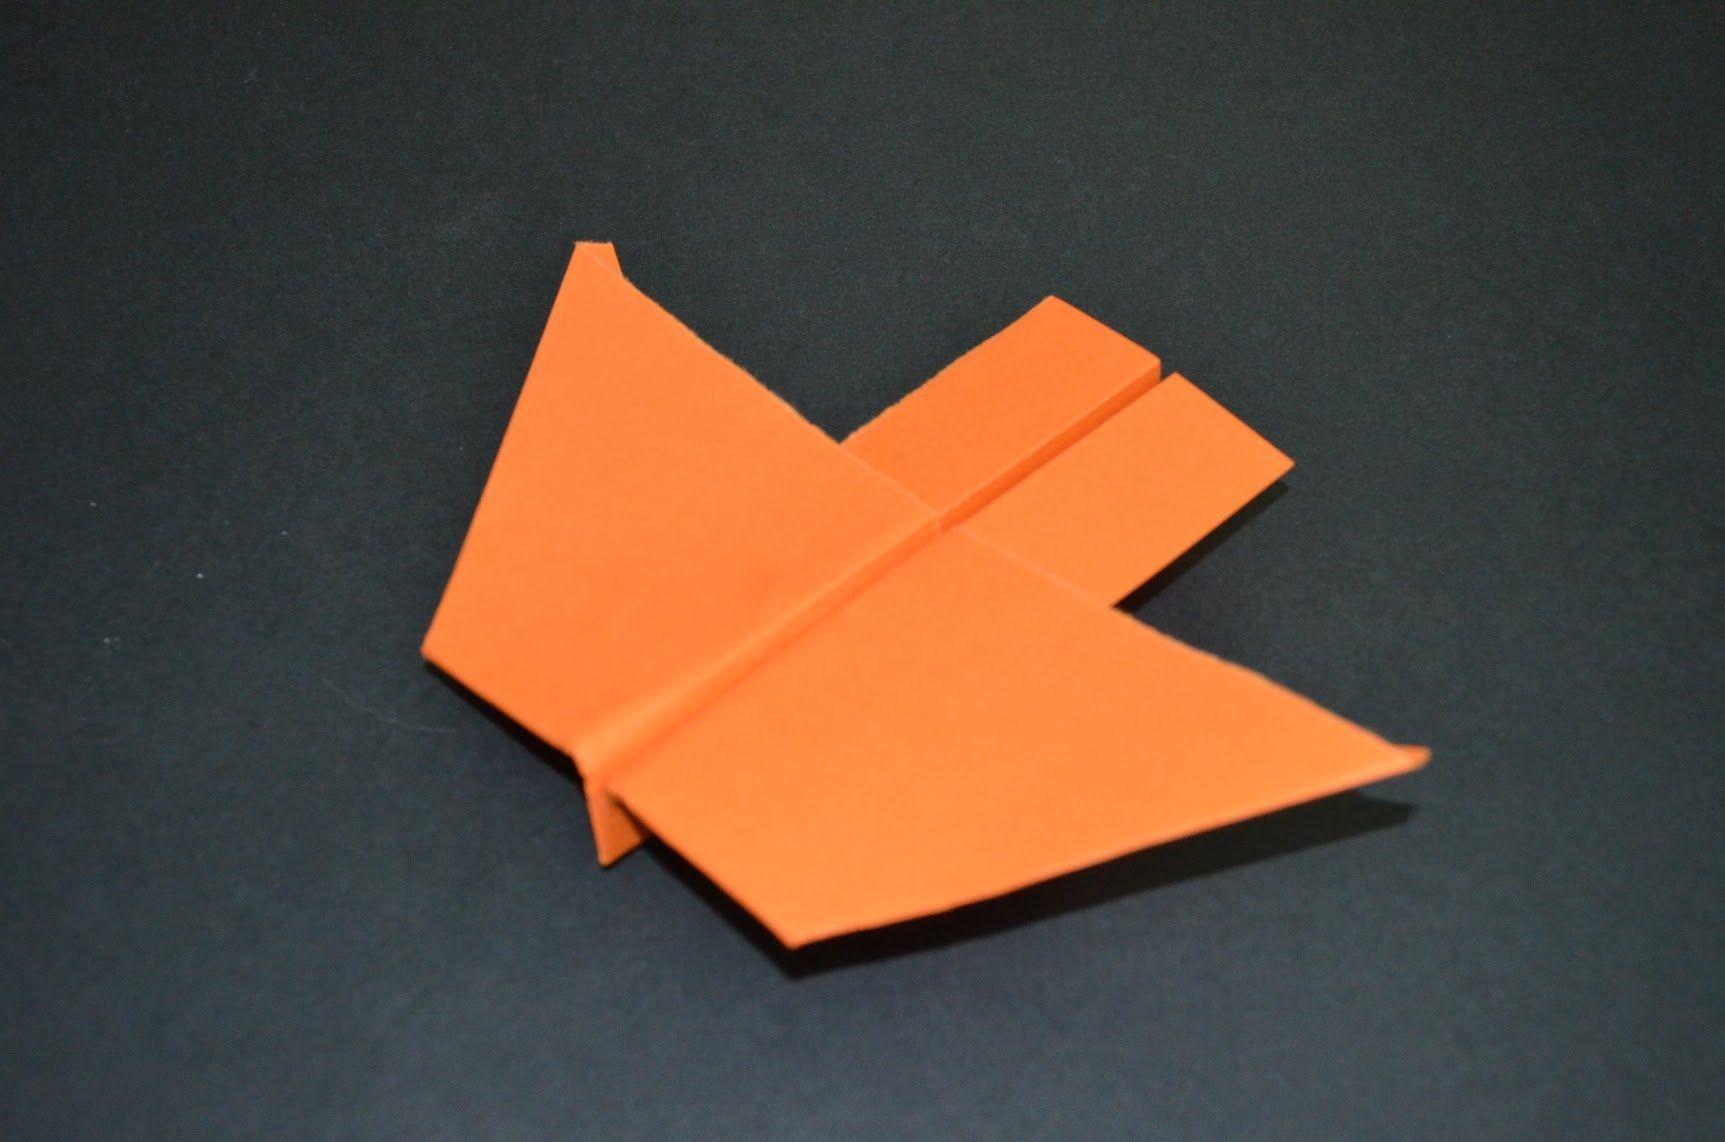 Como Hacer Un Avion De Papel Que Vuela Mucho Aviones De Papel Origami Avión Aviones De Papel Como Hacer Un Avion Sobres De Papel